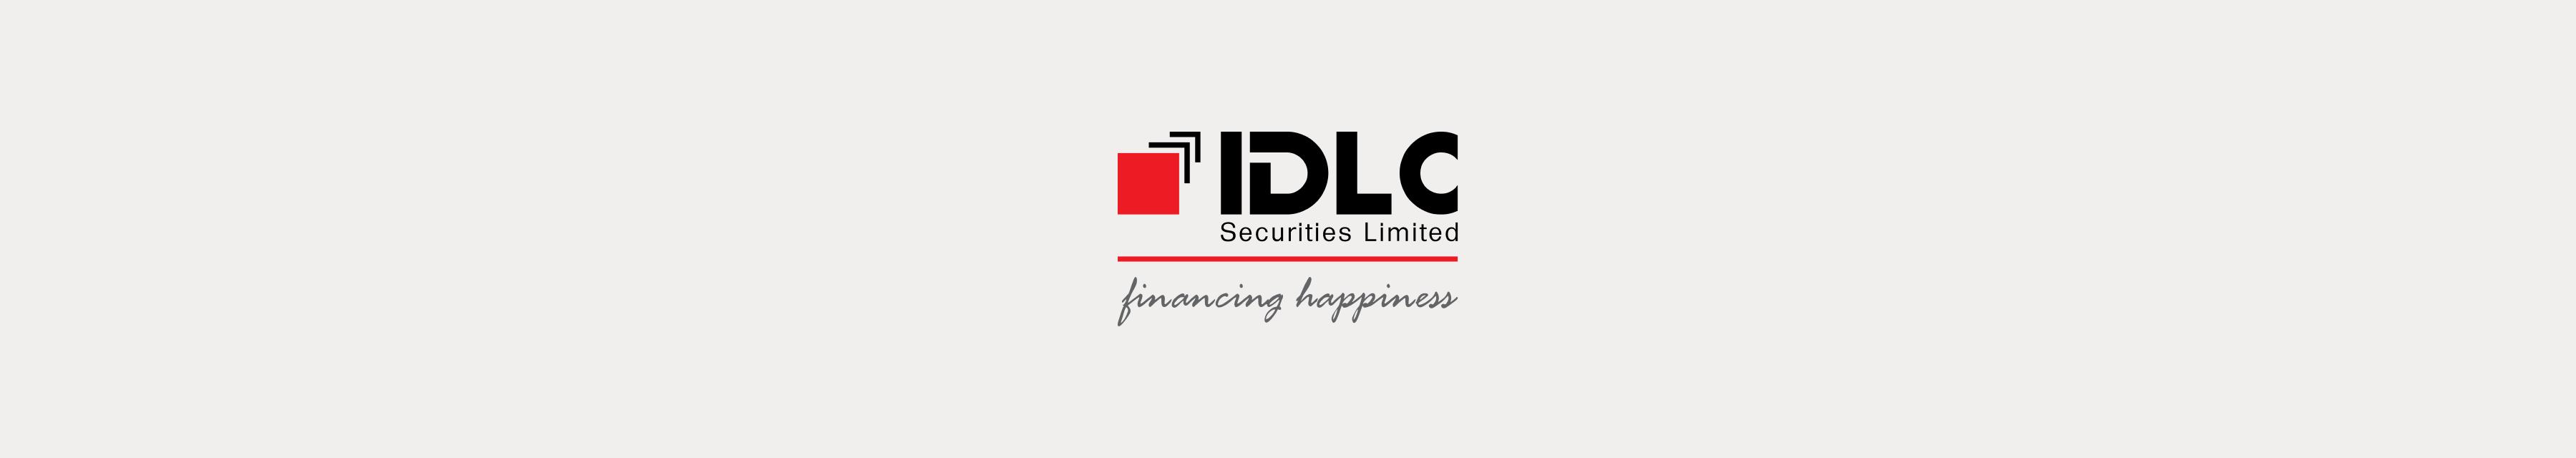 IDLC Securities